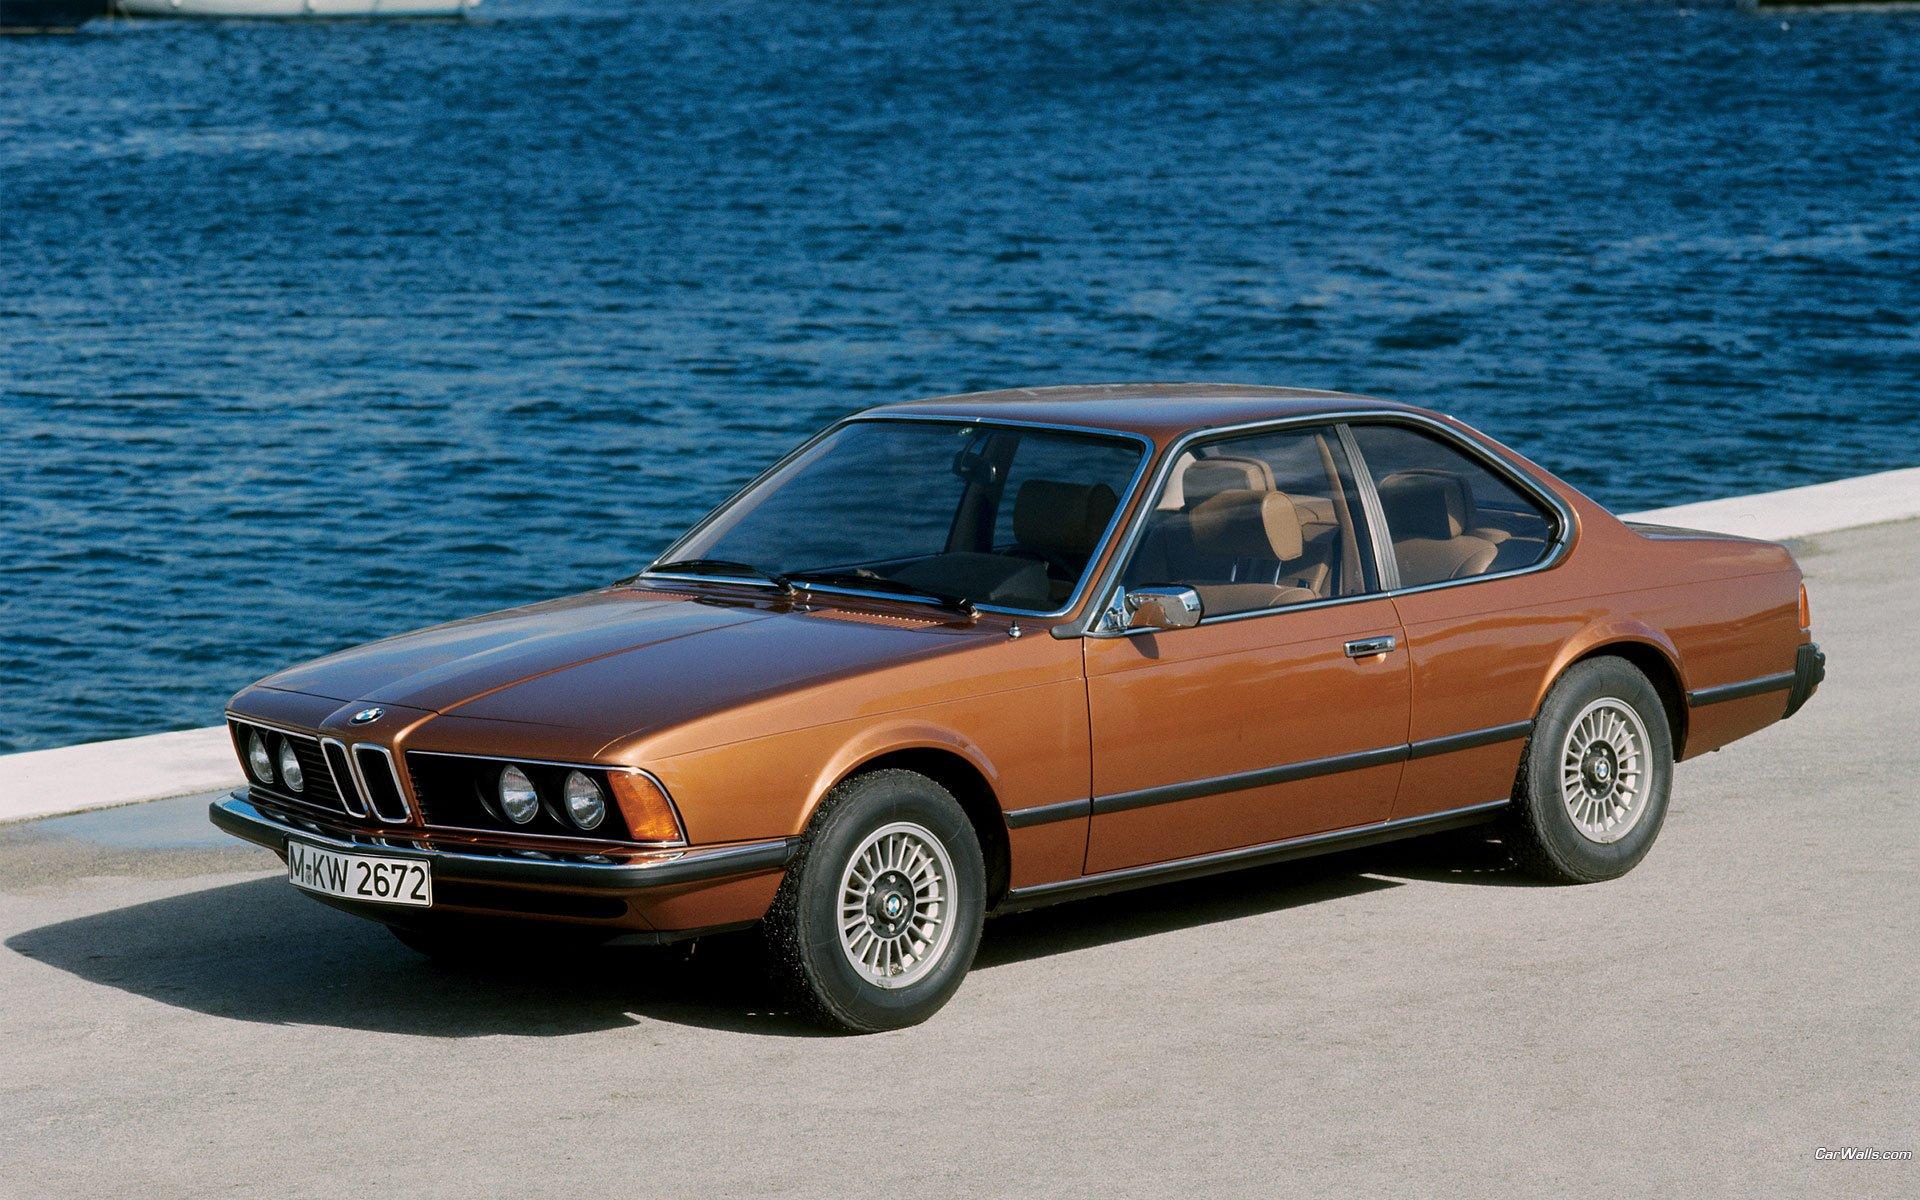 BMW E24,Recaro,BMW E24 двигатели,BMW 6 series,Купить BMW E24